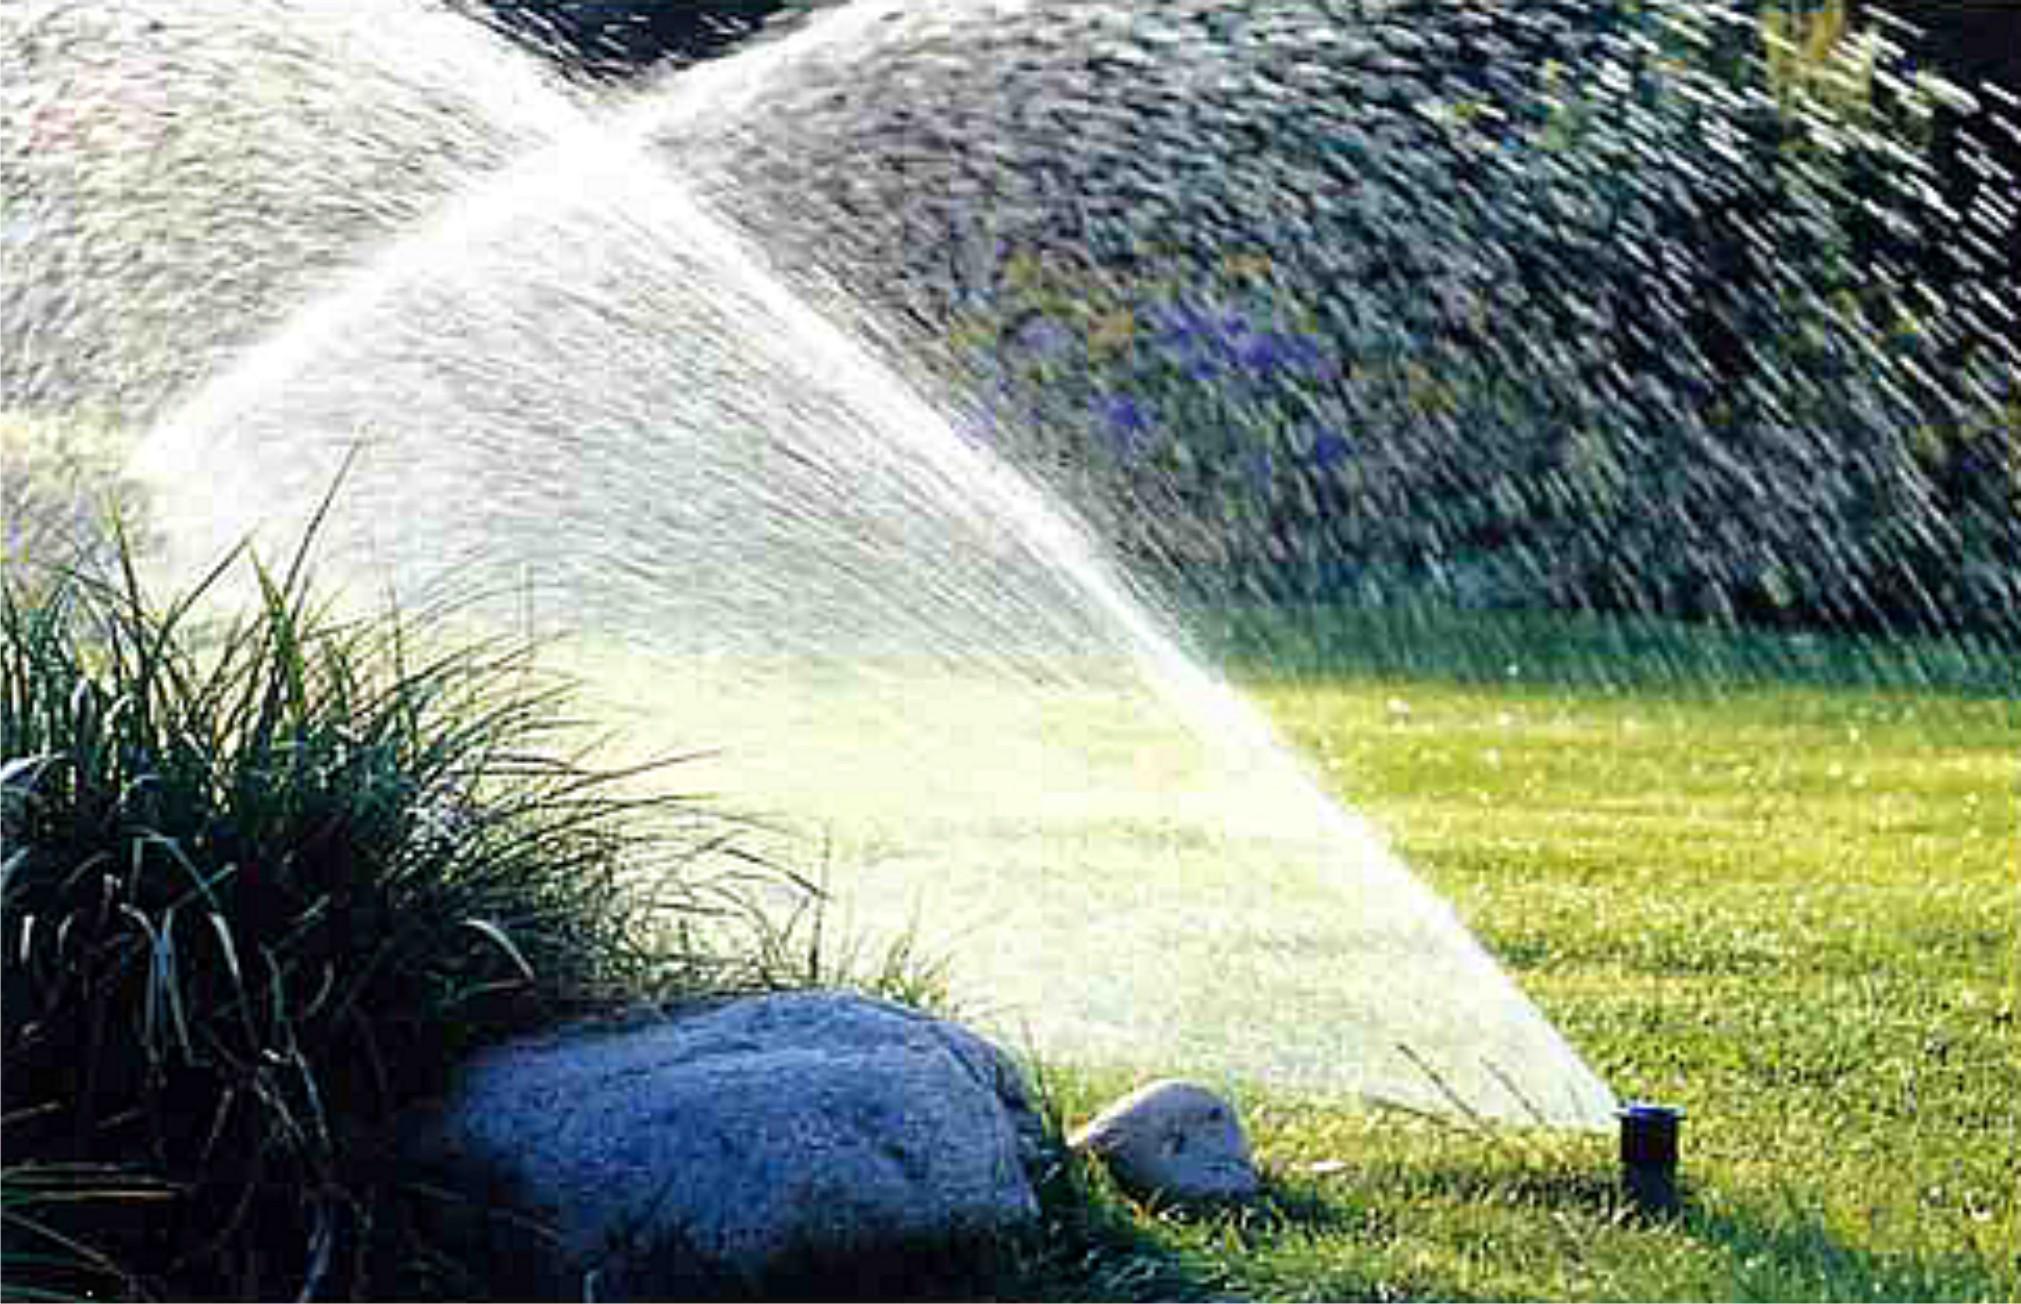 устройство для капельного полива комнатных растений